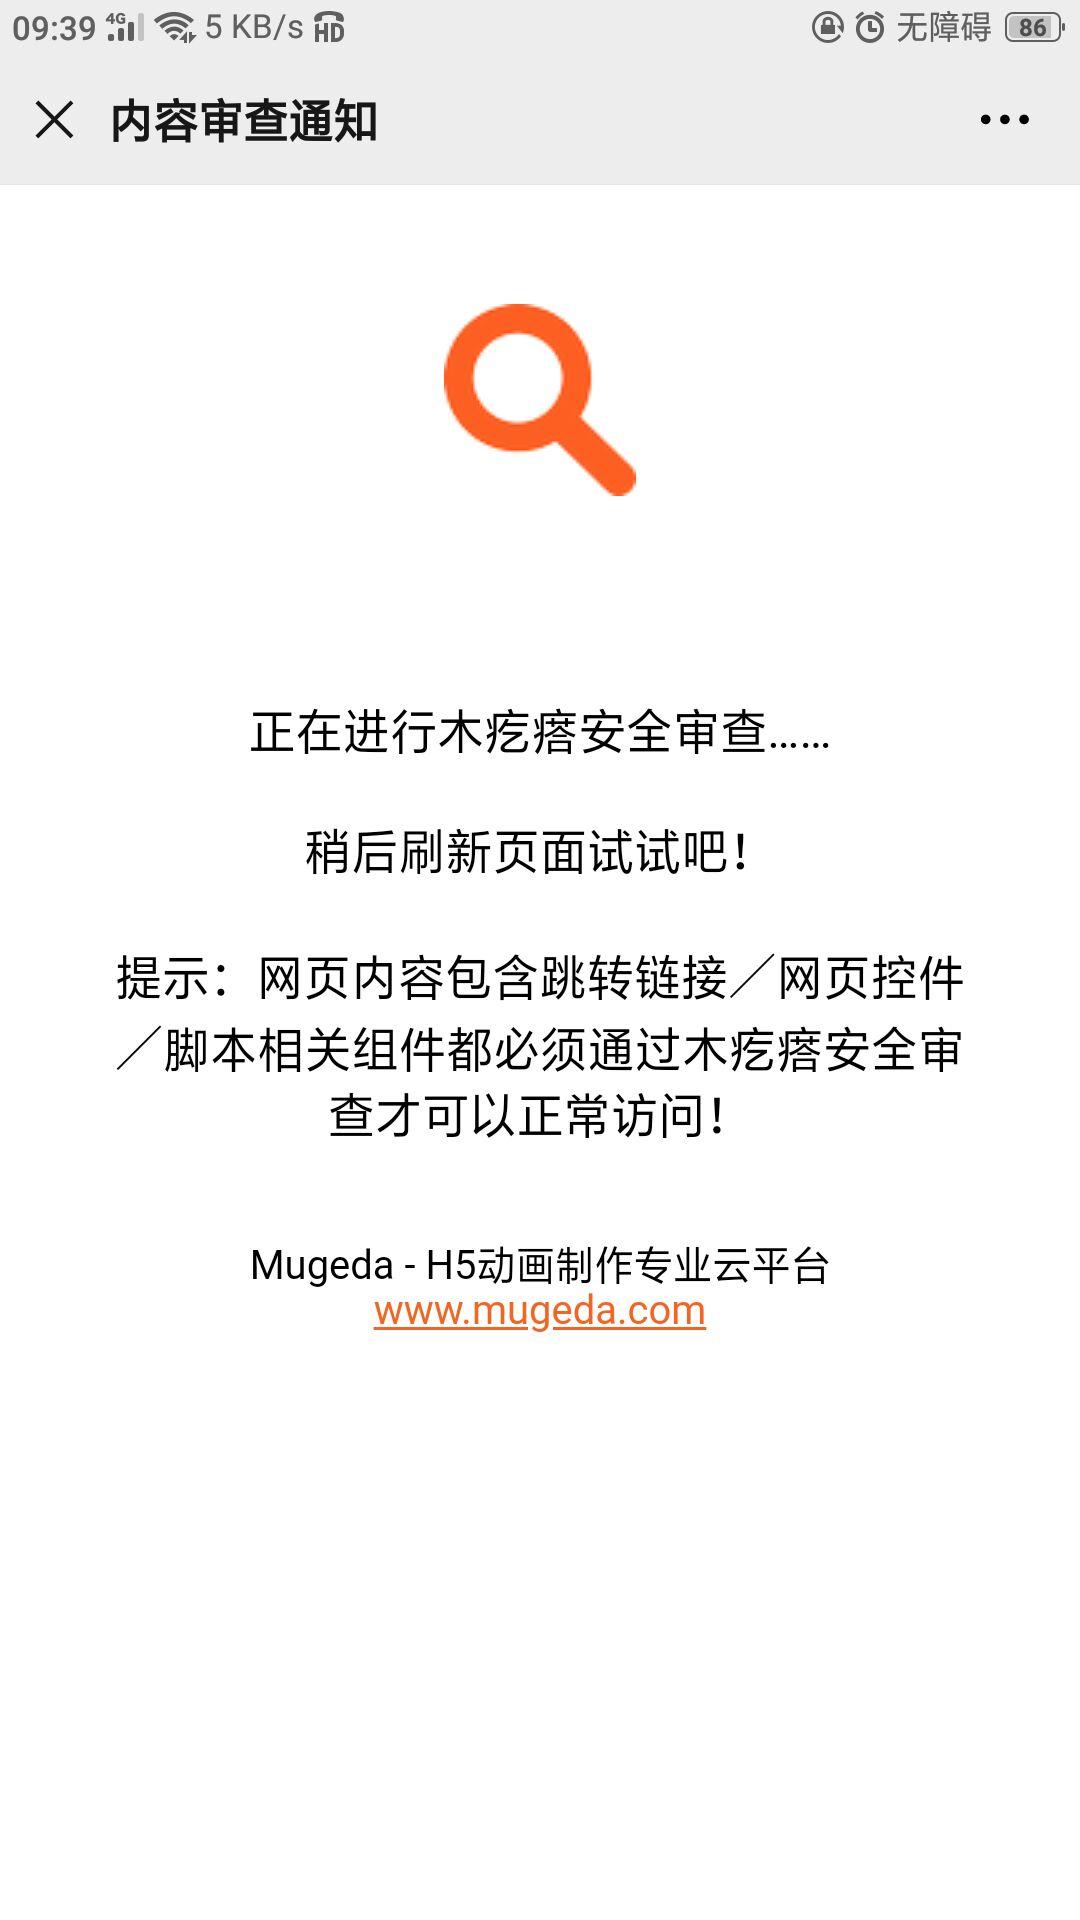 QQ图片20200613094026.jpg